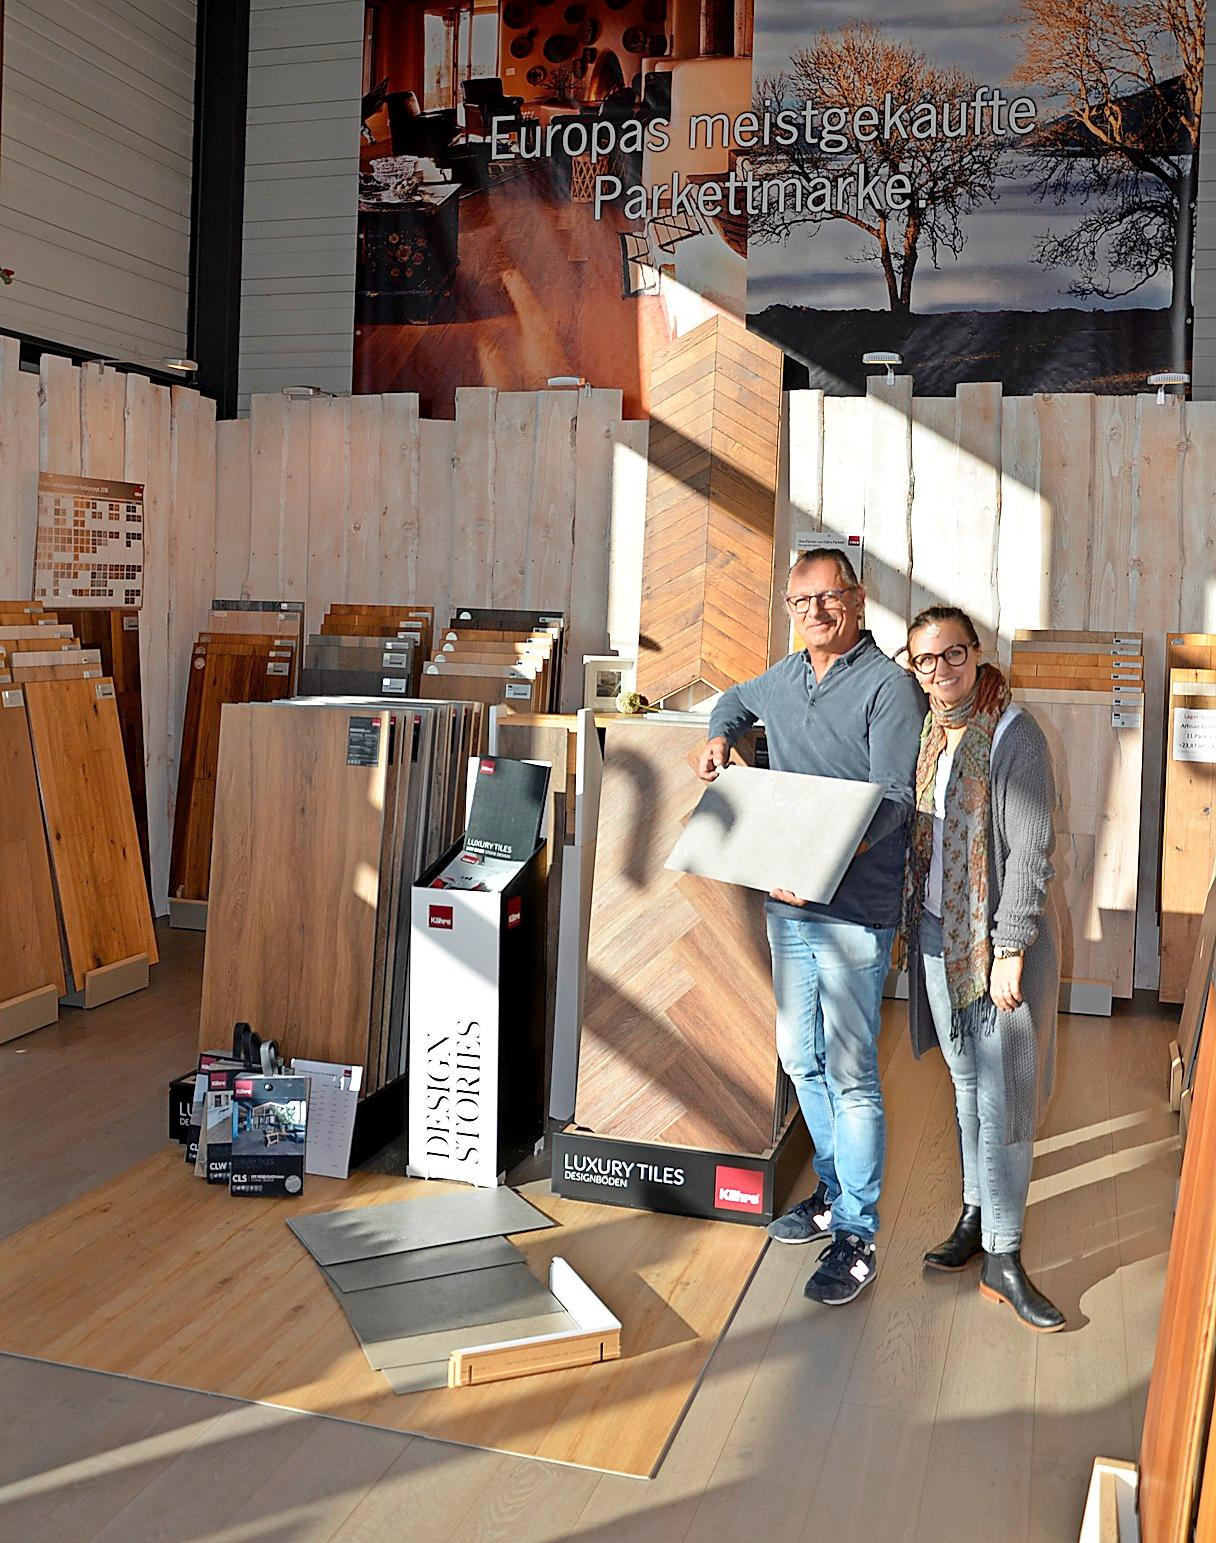 Ebenso natürlich Parkett und Vinyl für den Innenausbau. In Tochter Laura Müller hat Hans-Georg Salzmann inzwischen familiäre Unterstützung. KK